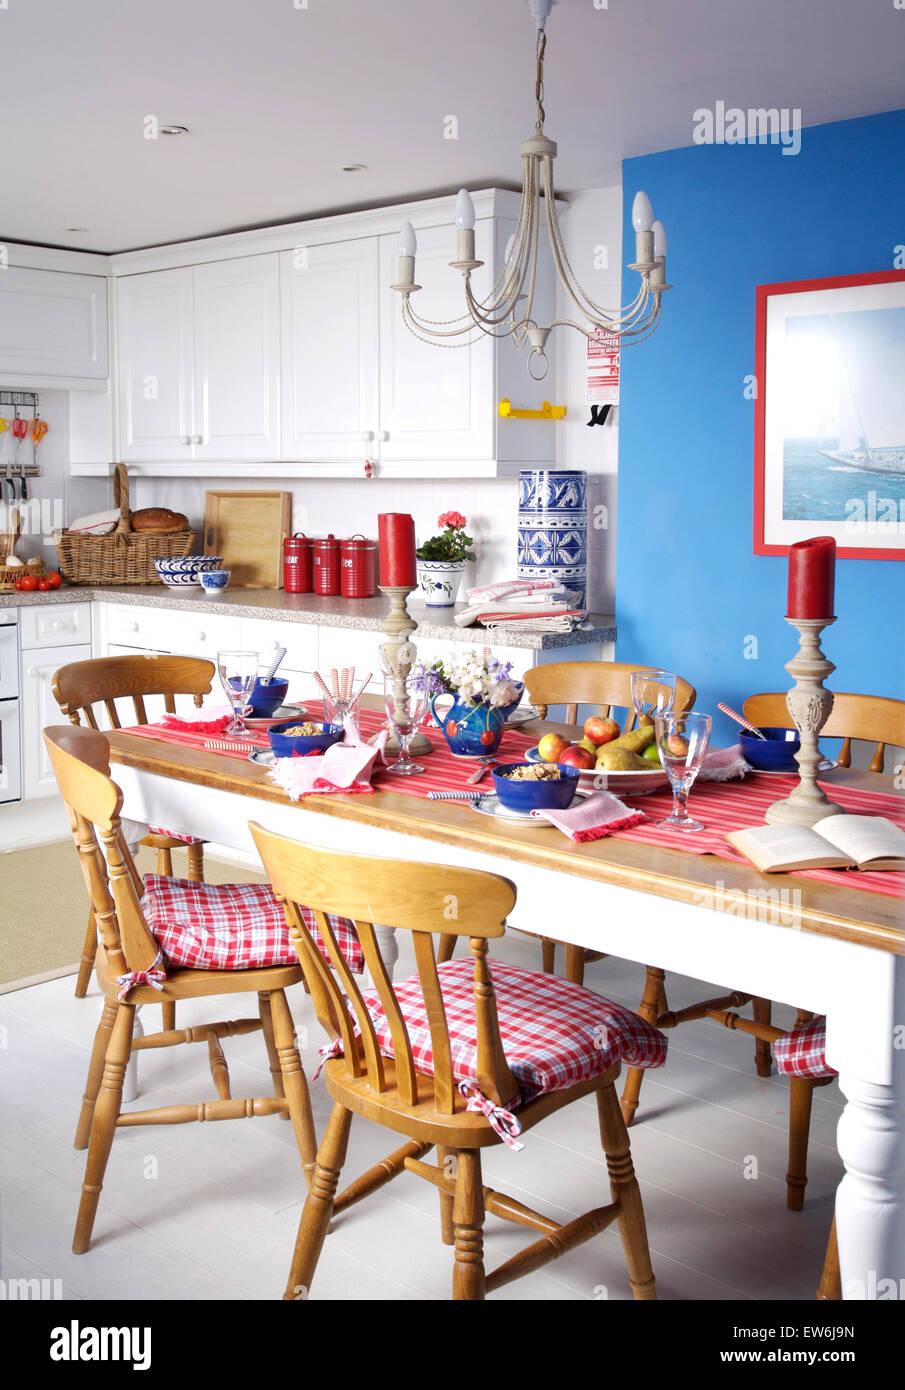 Comprobar rojo cojines sillas de madera pintadas en azul en